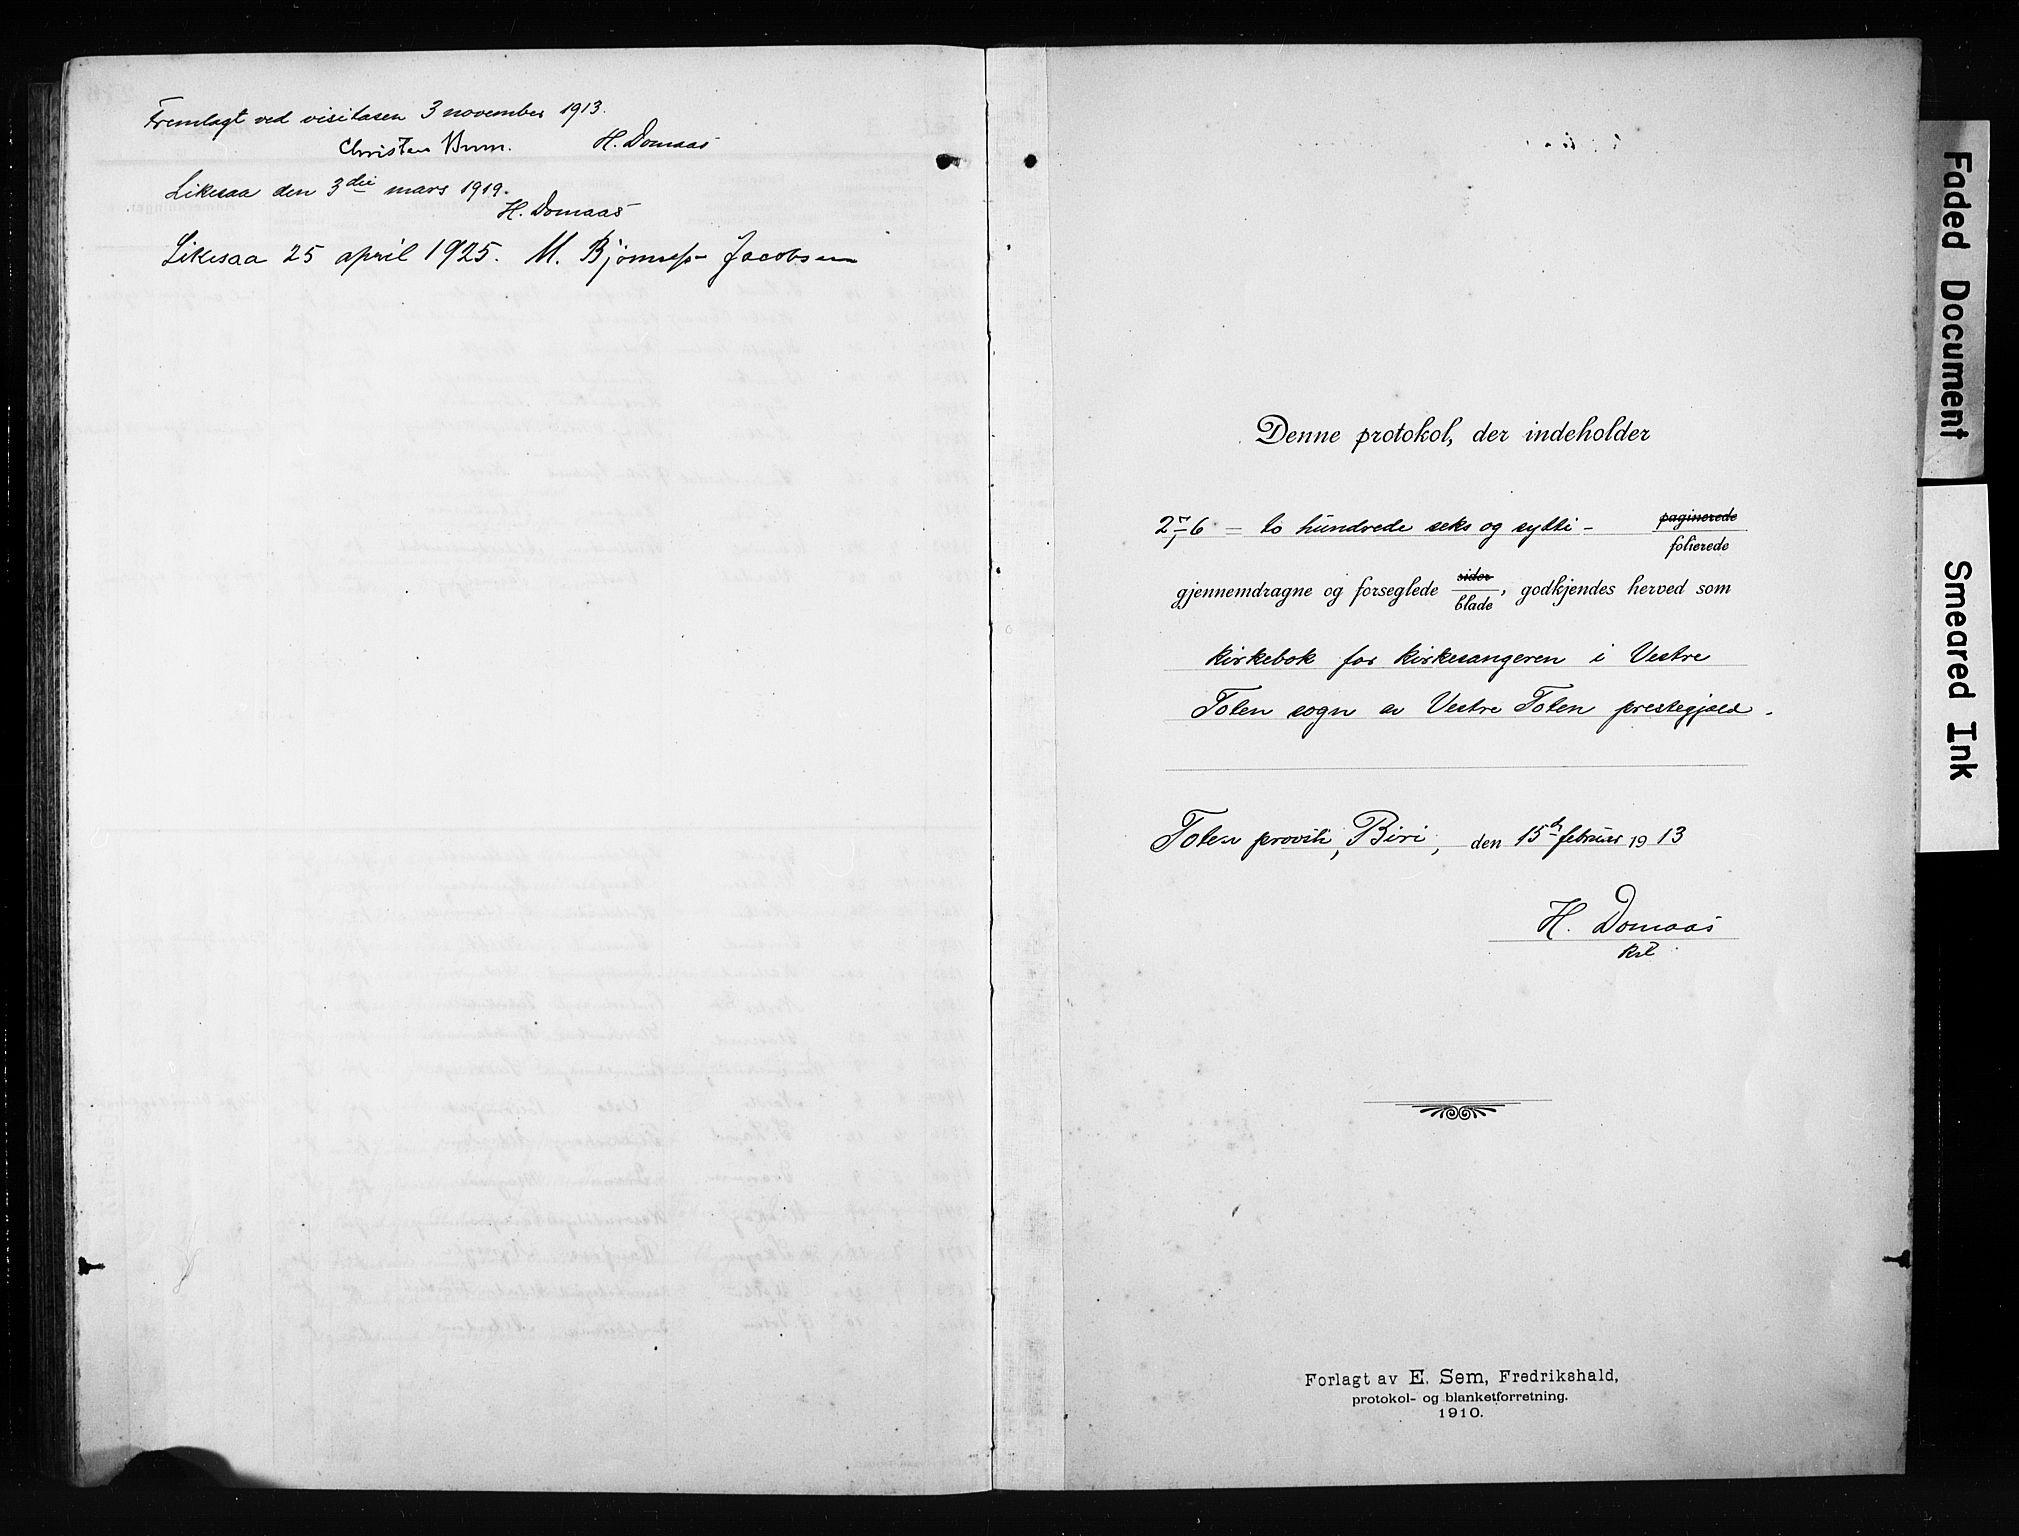 SAH, Vestre Toten prestekontor, H/Ha/Hab/L0012: Klokkerbok nr. 12, 1909-1928, s. 277